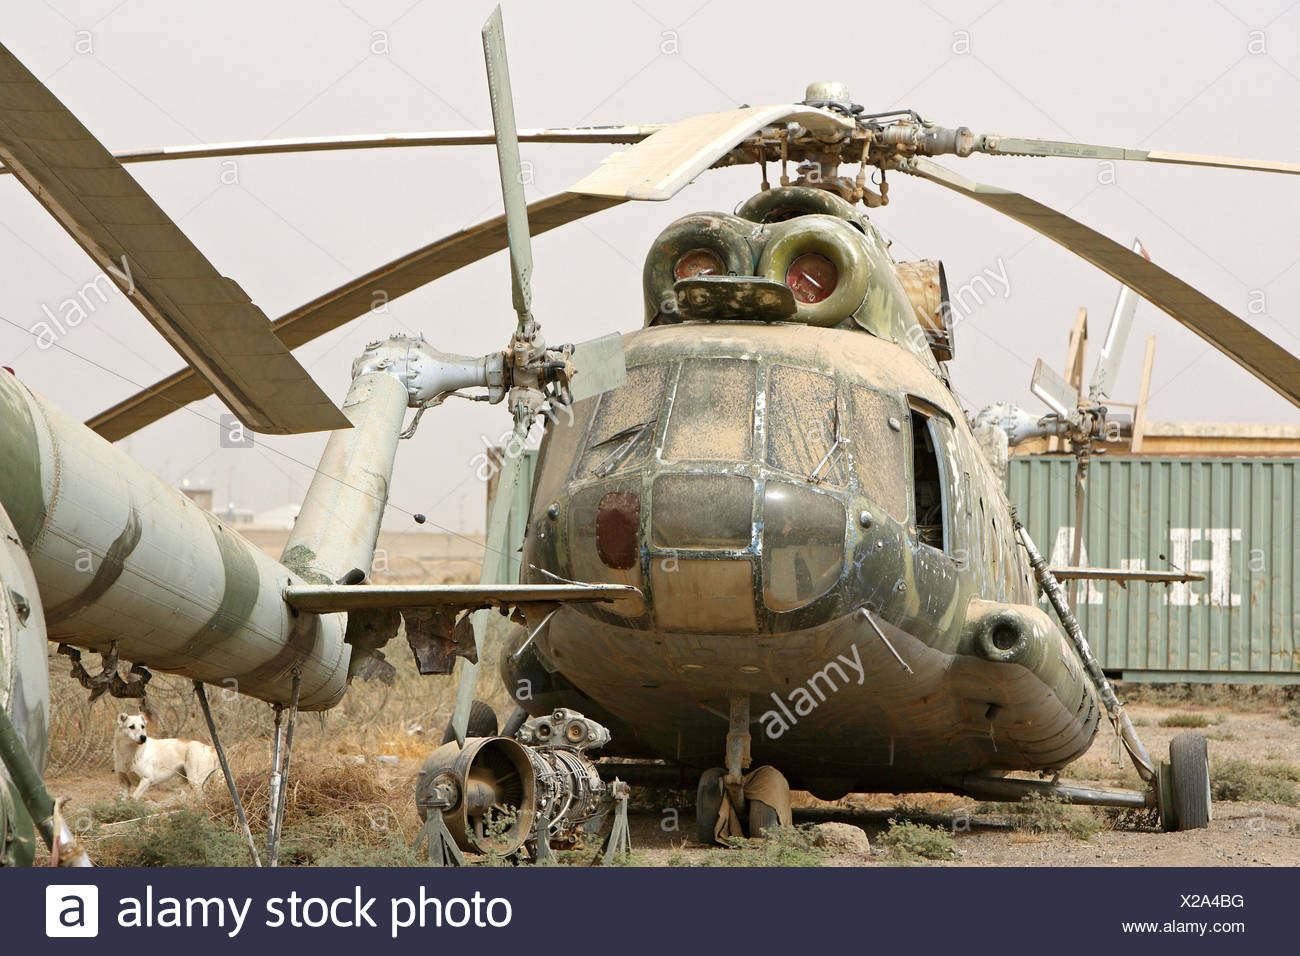 Un difetto di russo elicottero militare, Kunduz, Afghanistan Immagini Stock